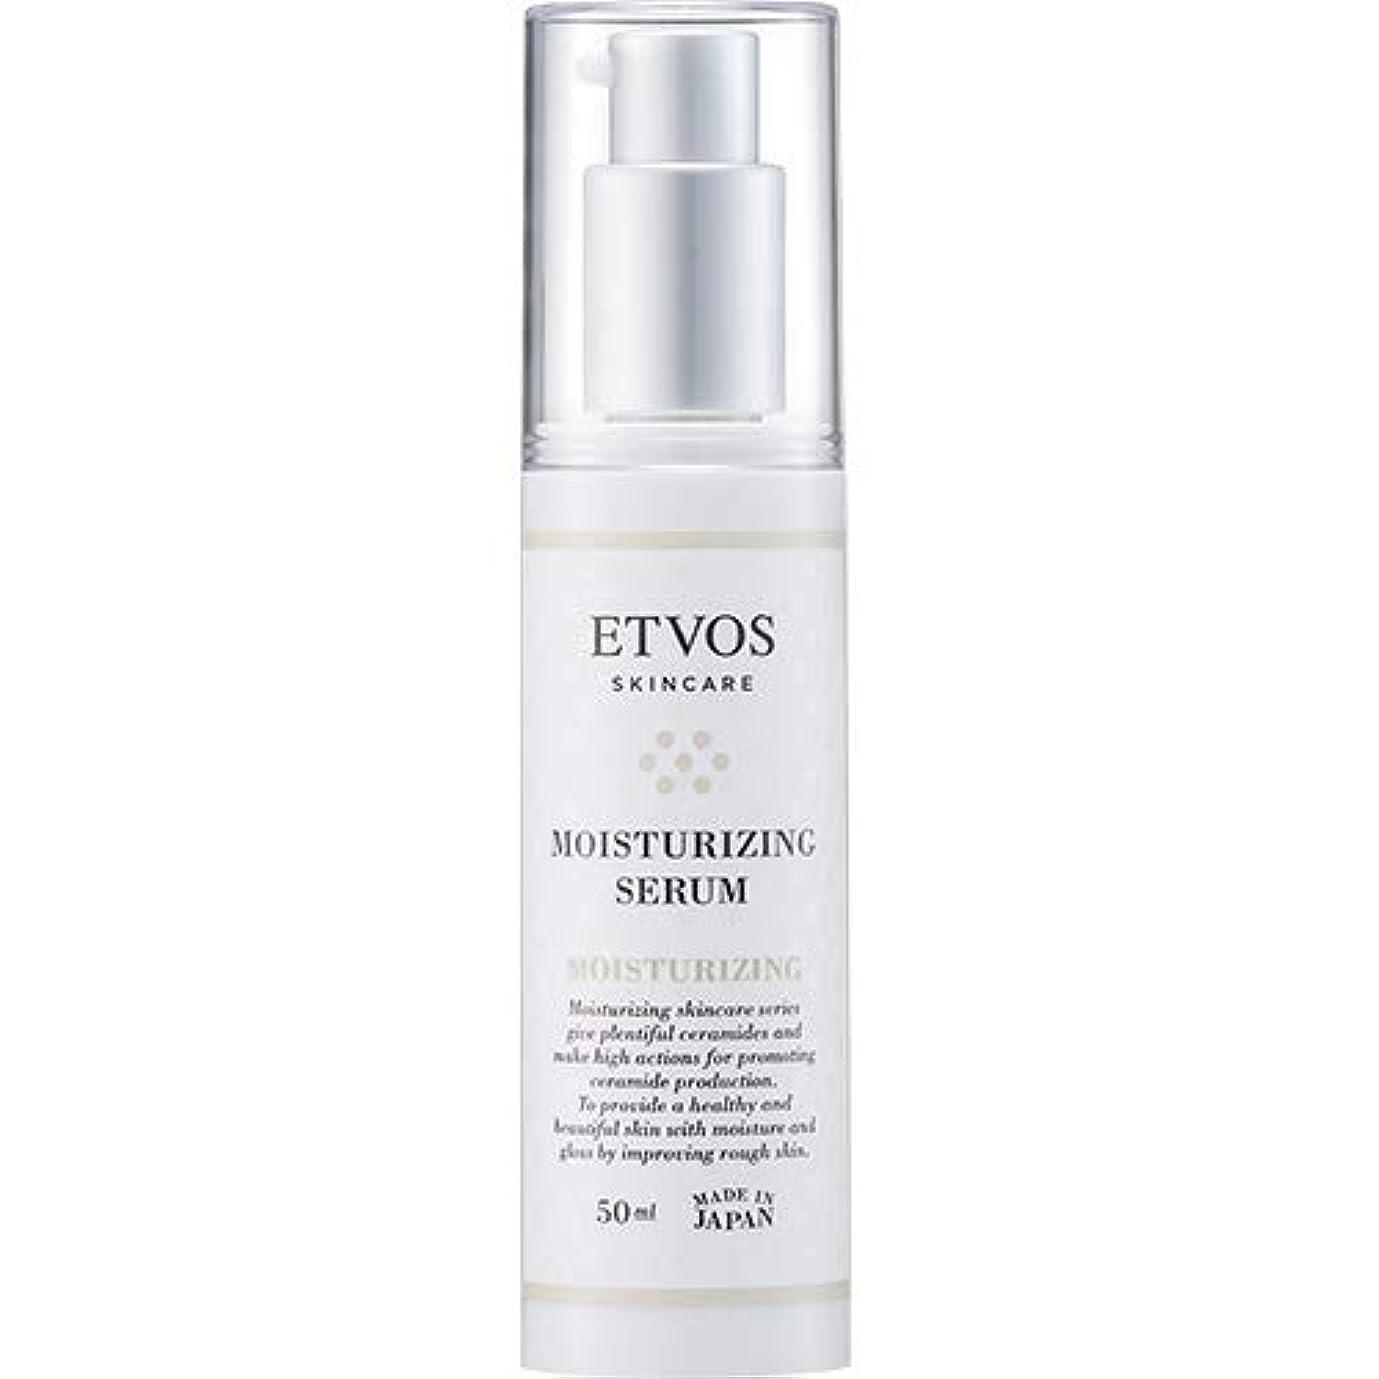 現実的離れて国籍ETVOS(エトヴォス) 保湿美容液 モイスチャライジングセラム 50ml ヒト型セラミド配合 乾燥肌/敏感肌 乳液